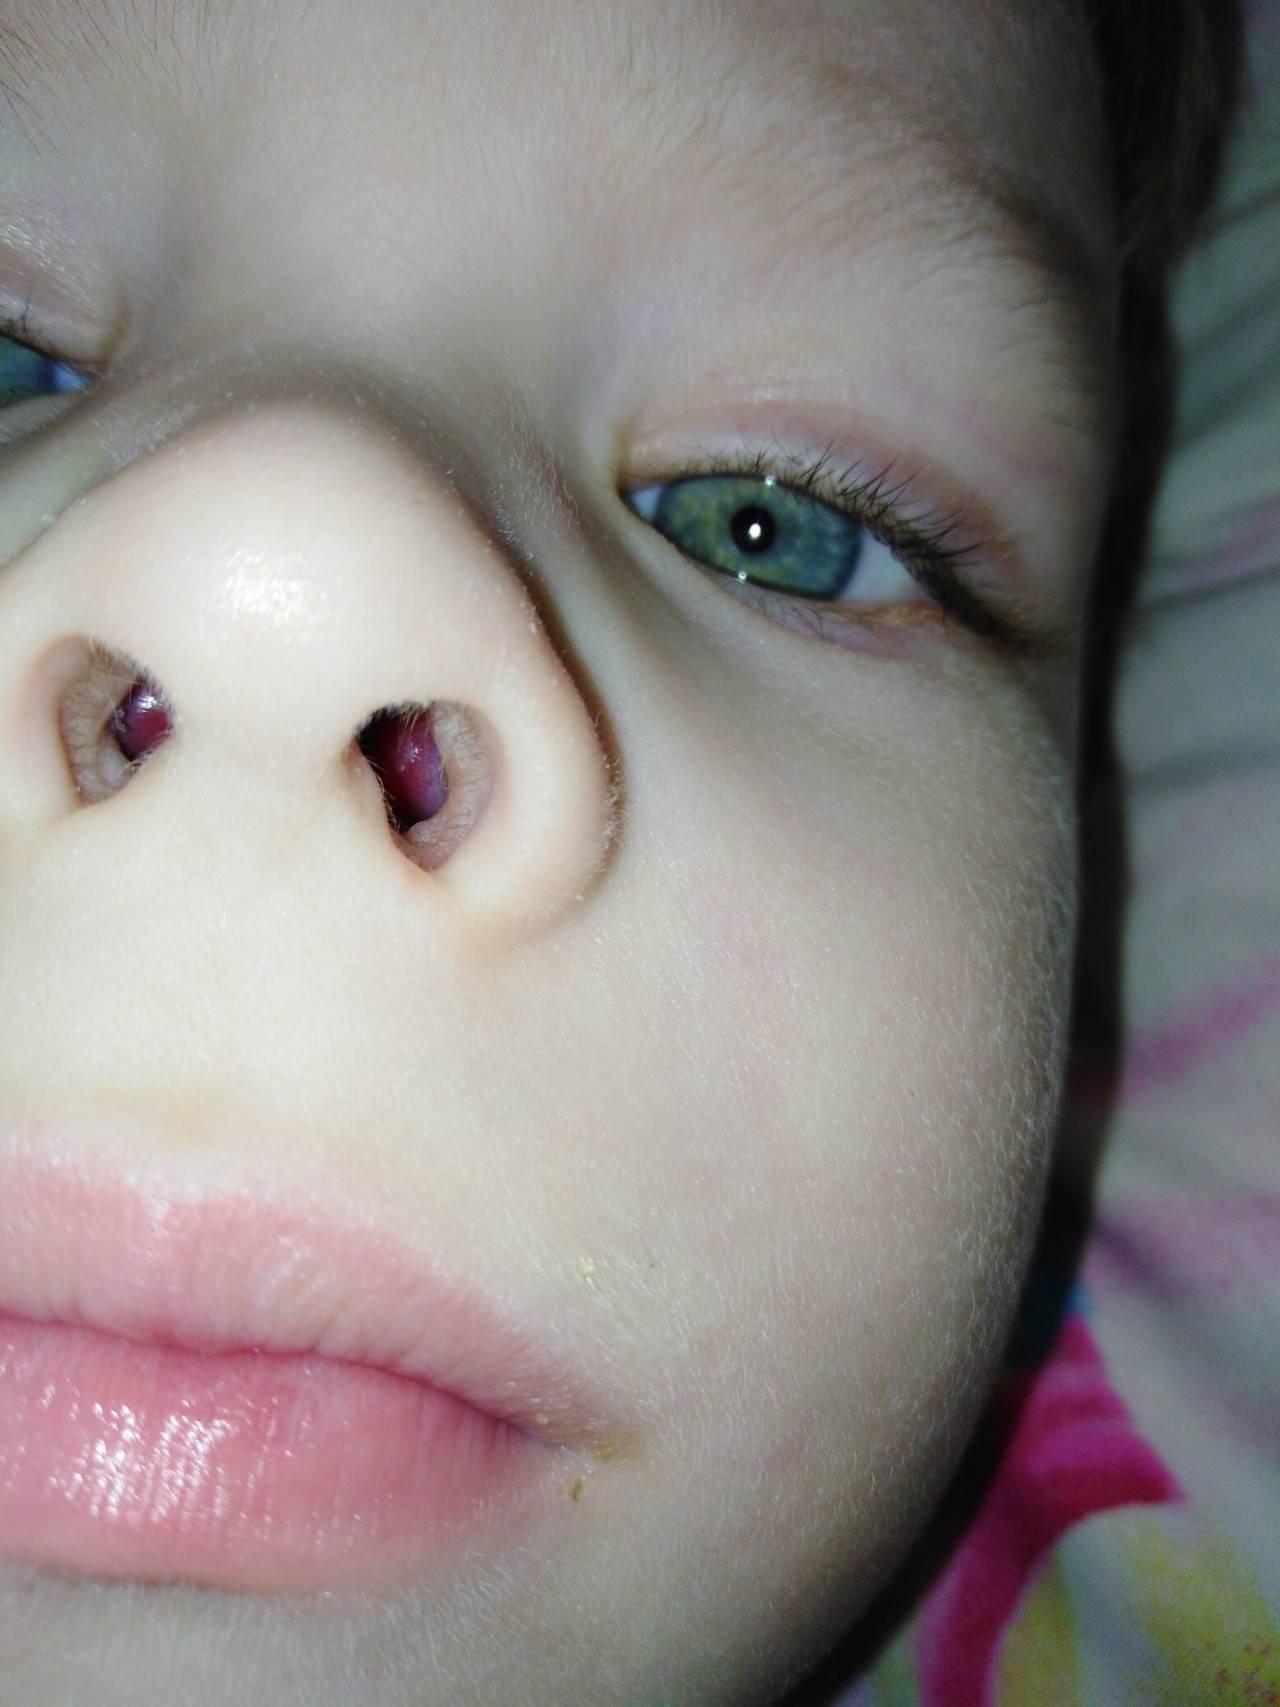 Полипы в носу. причины, симптомы и признаки, диагностика и лечение. удаление полипов в носу: операция, удаление лазером, шейвером, эндоскопическое удаление. народные средства. :: polismed.com